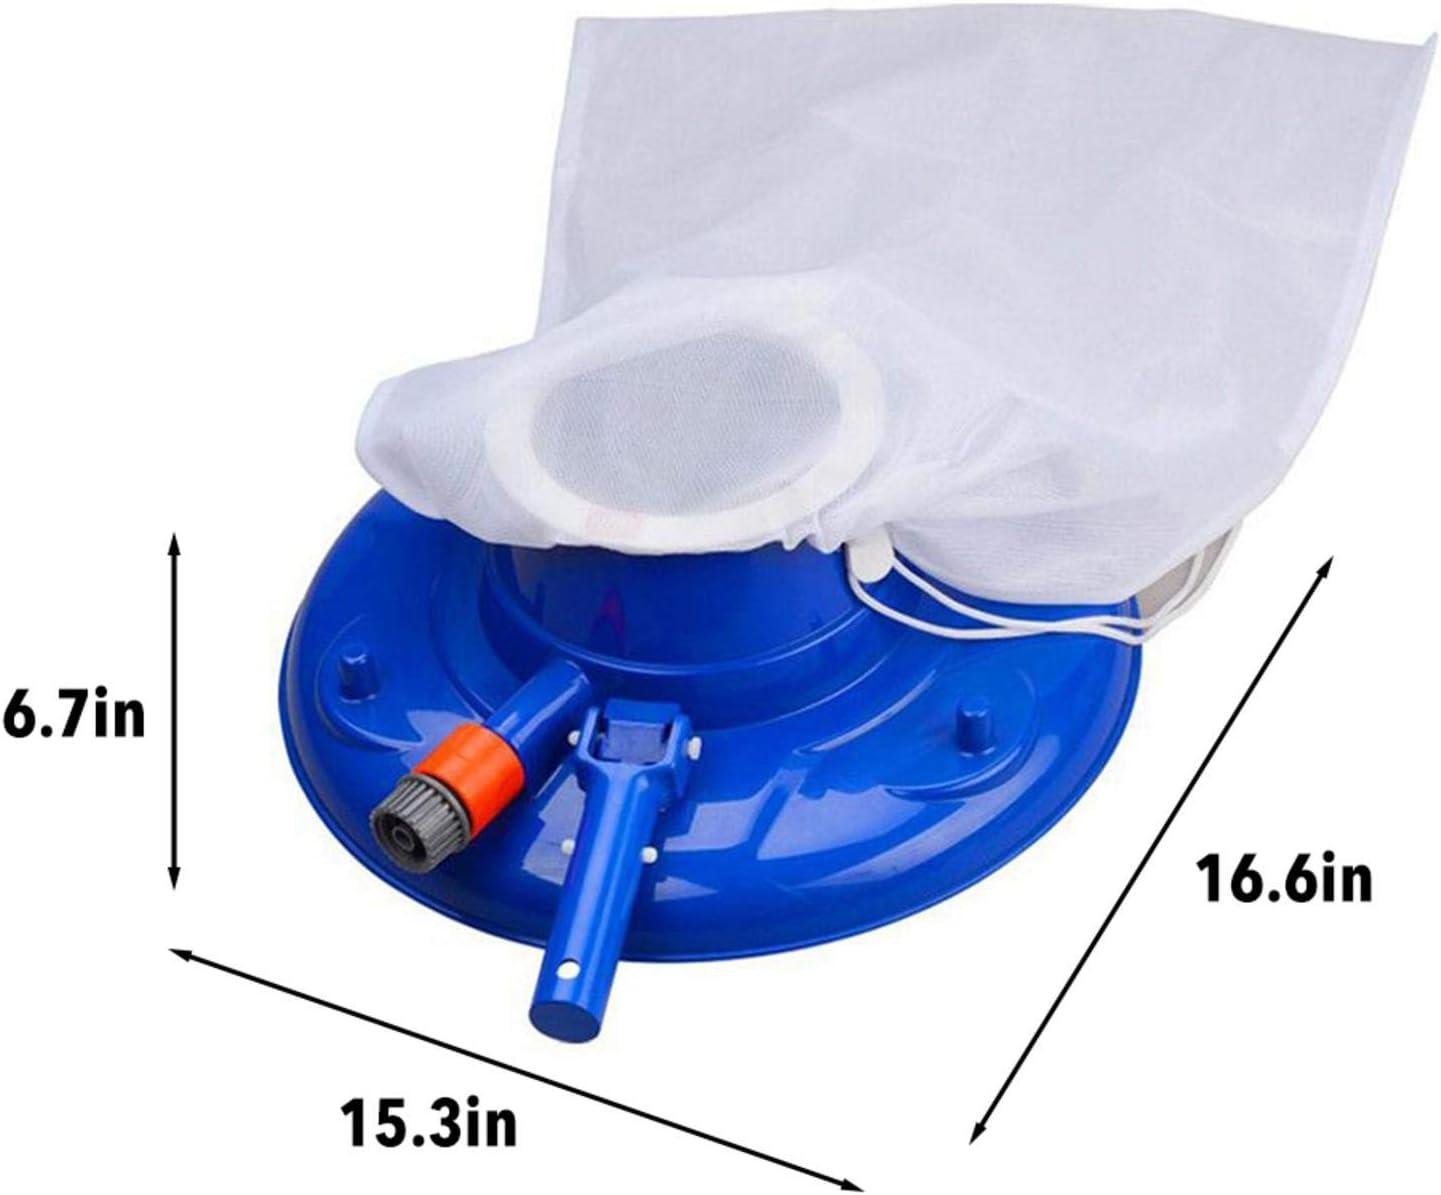 Piscine de nettoyage d/'aspiration Aspirateur Tête De Brosse Nettoyeur Portable Souple Piscine